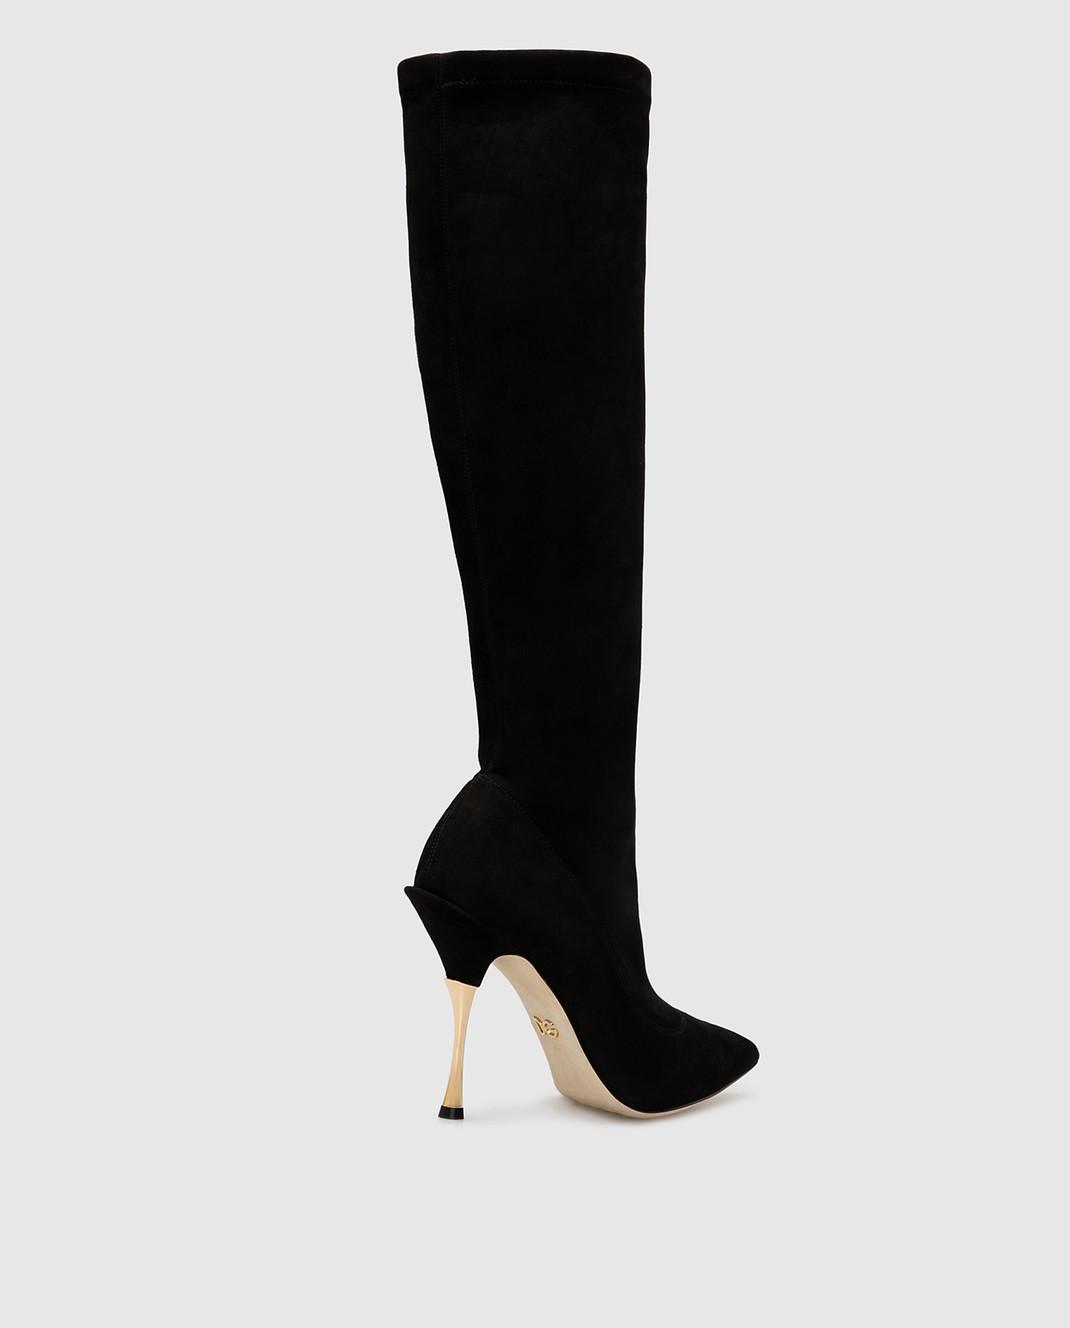 Dolce&Gabbana Черные замшевые сапоги CU0441AC700 изображение 4